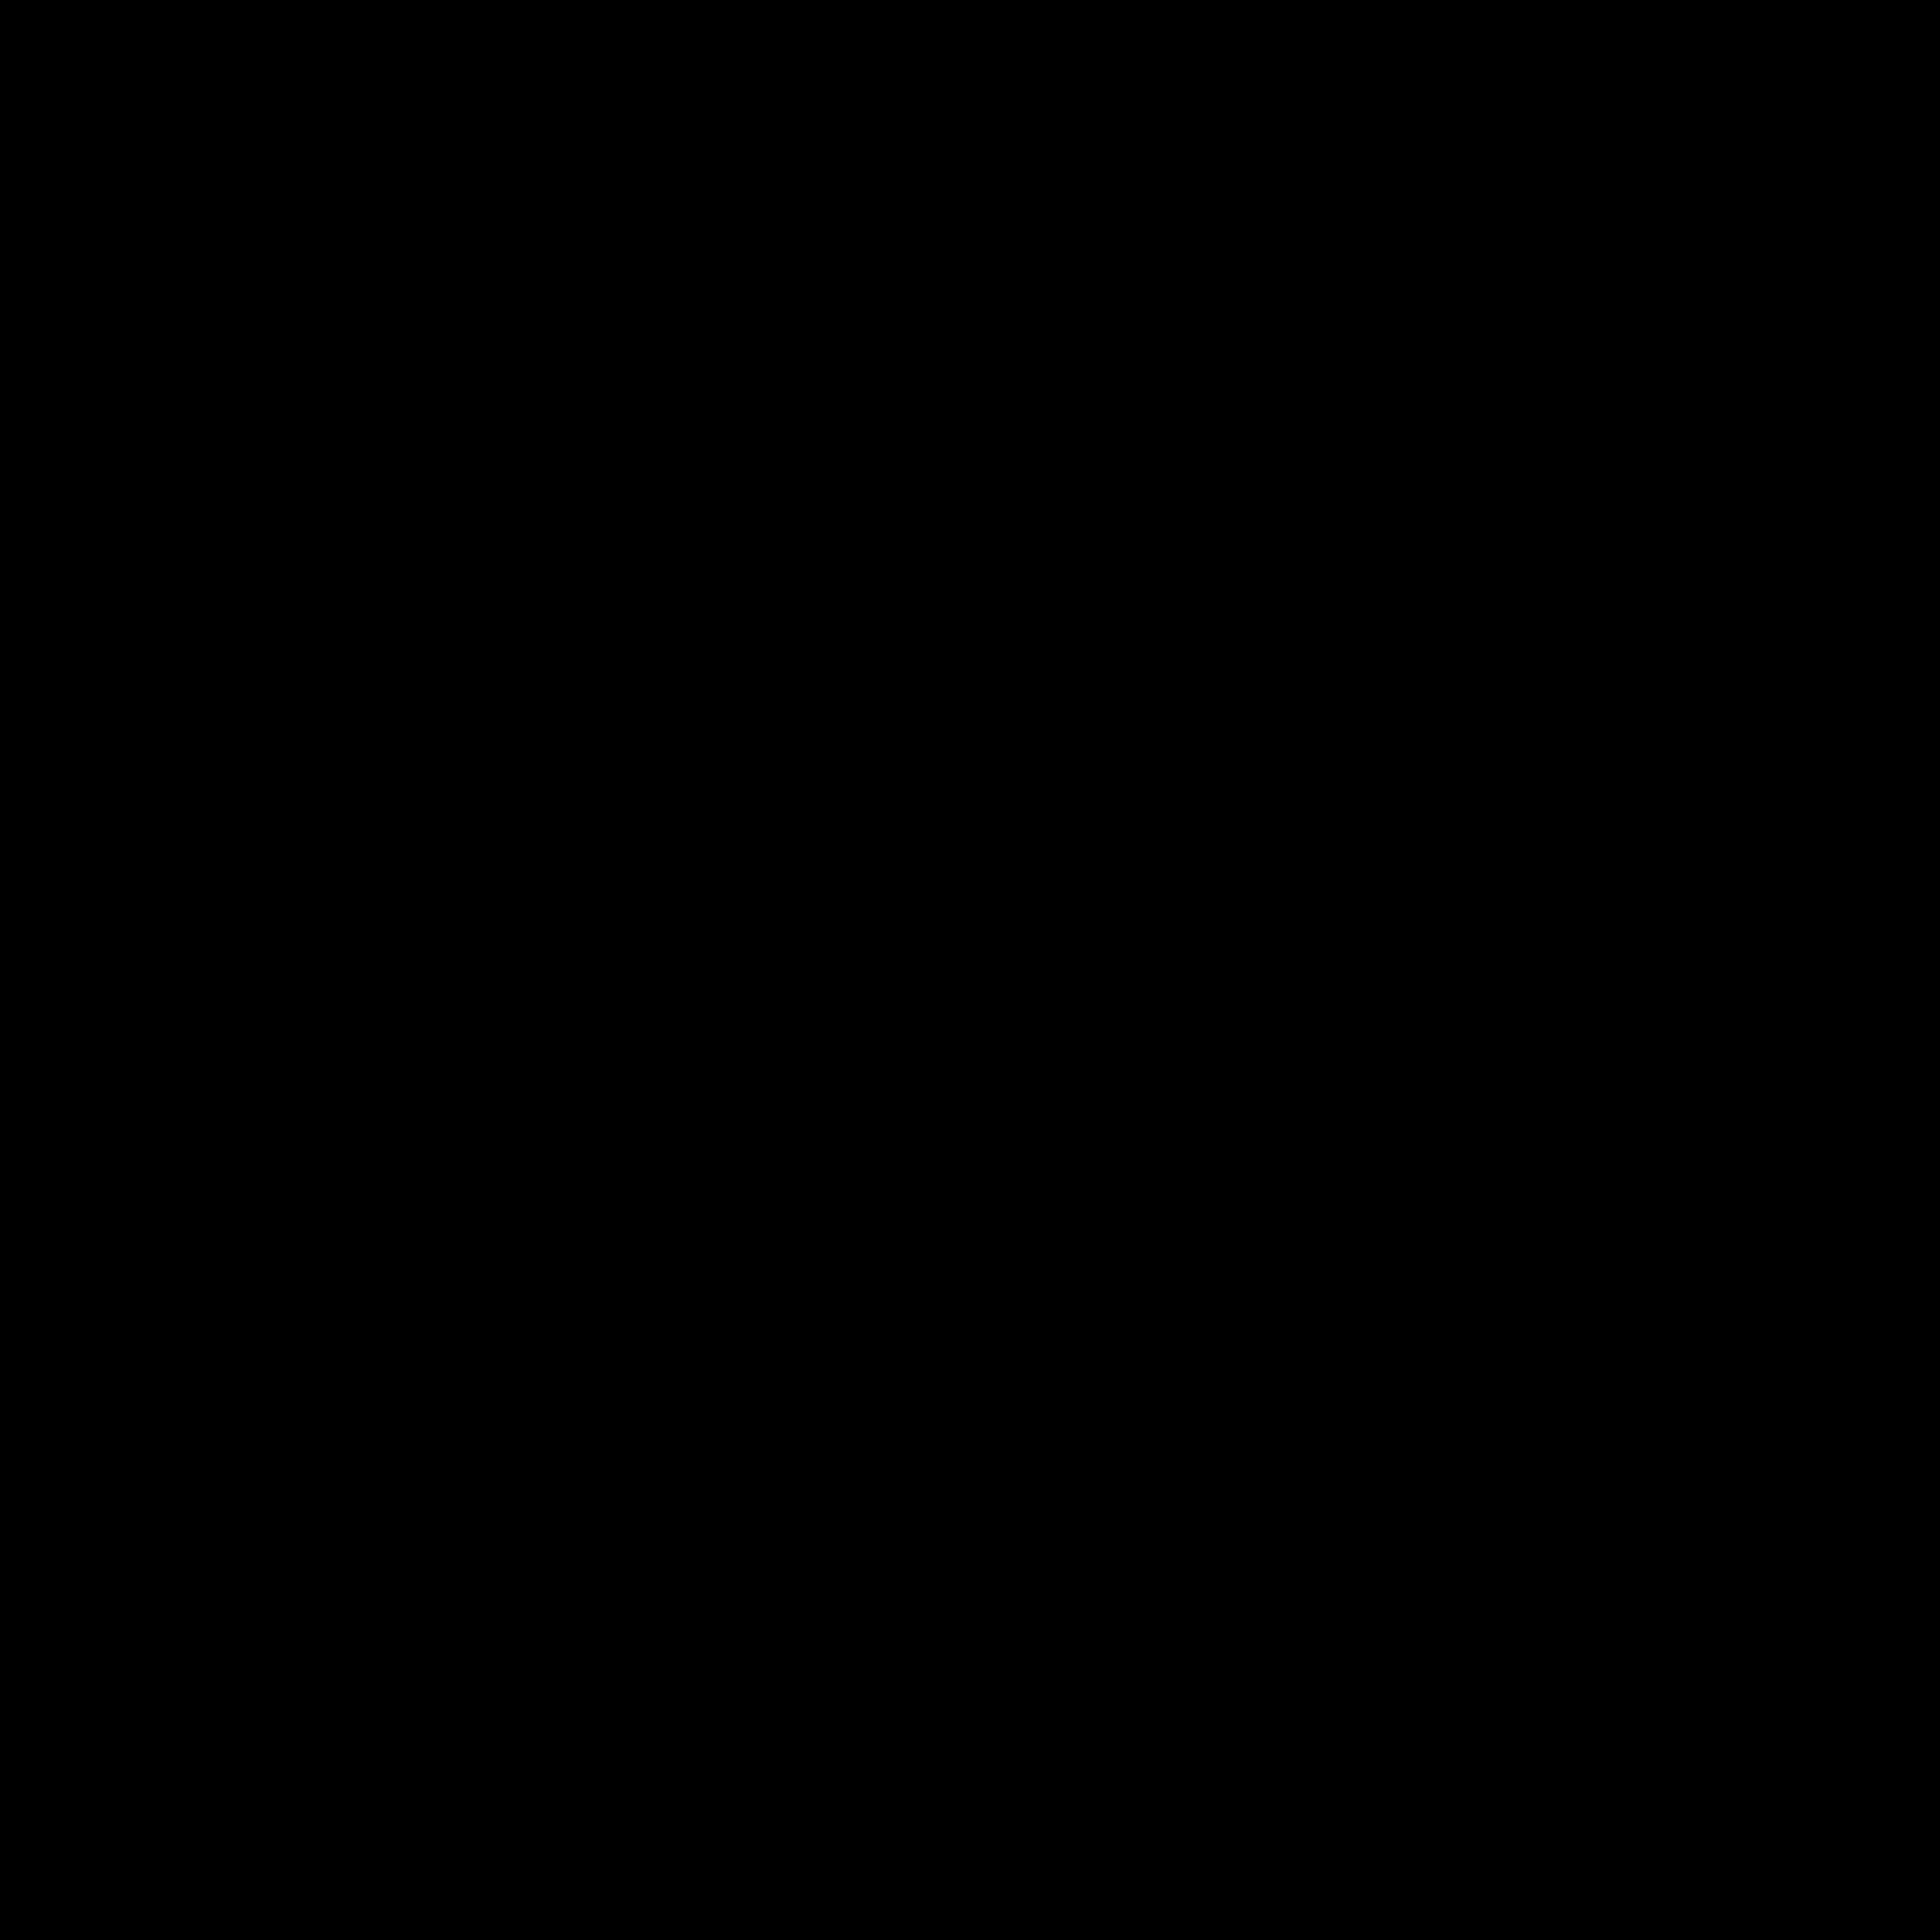 Картинка циферблата без фона